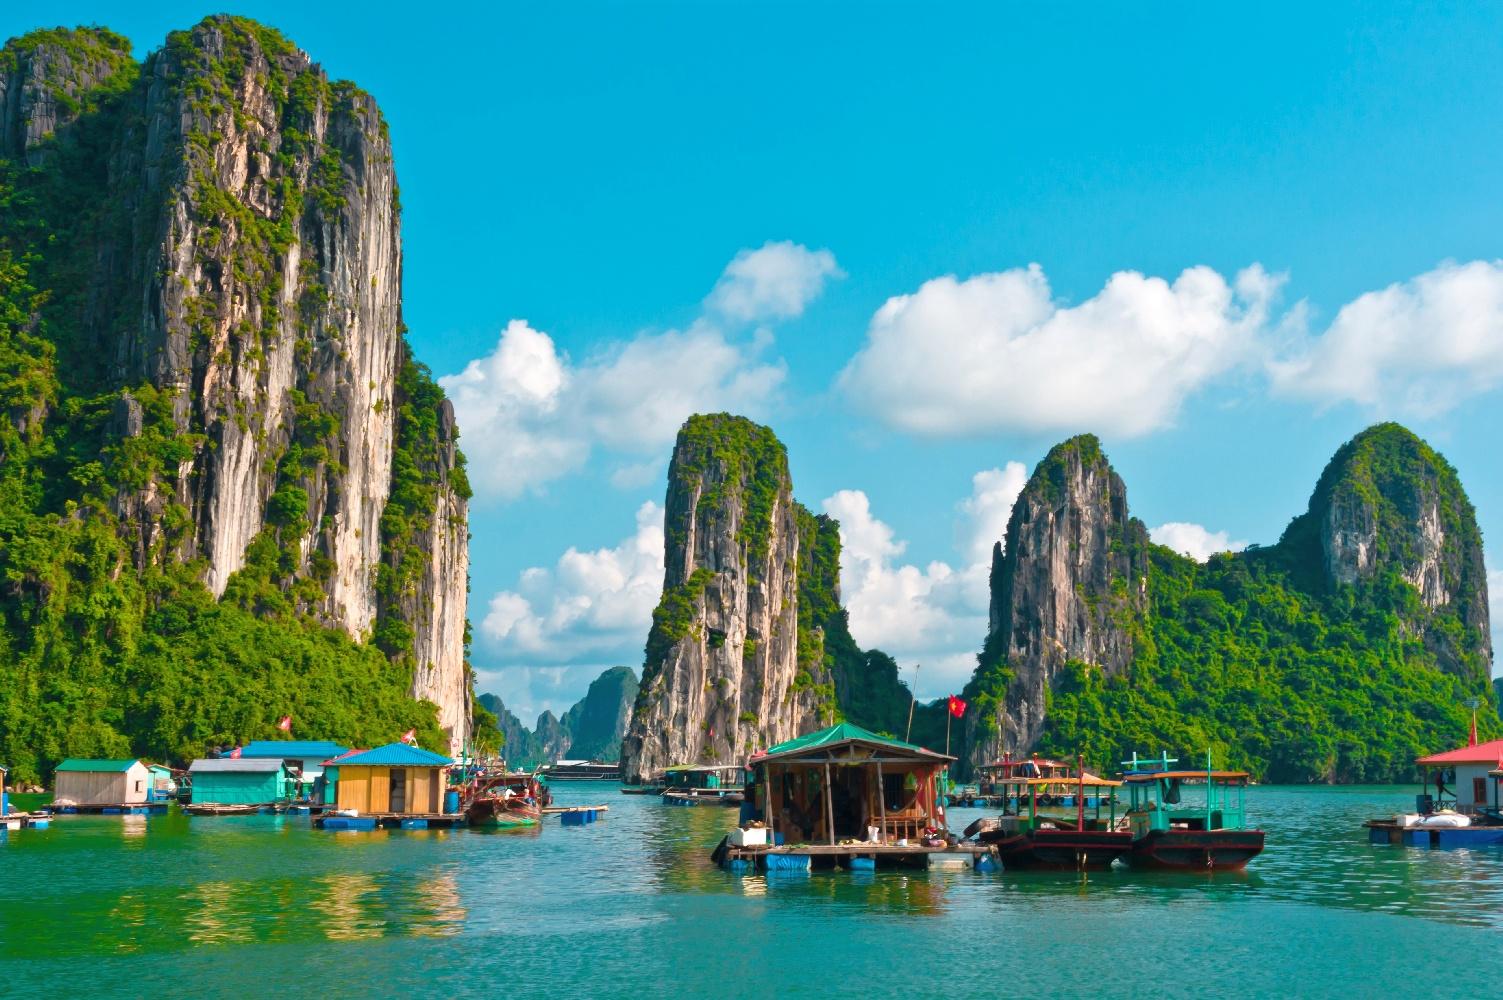 Schwimmende Fischerdorf in Halong Bay, Vietnam, Südostasien. © 123RF.com